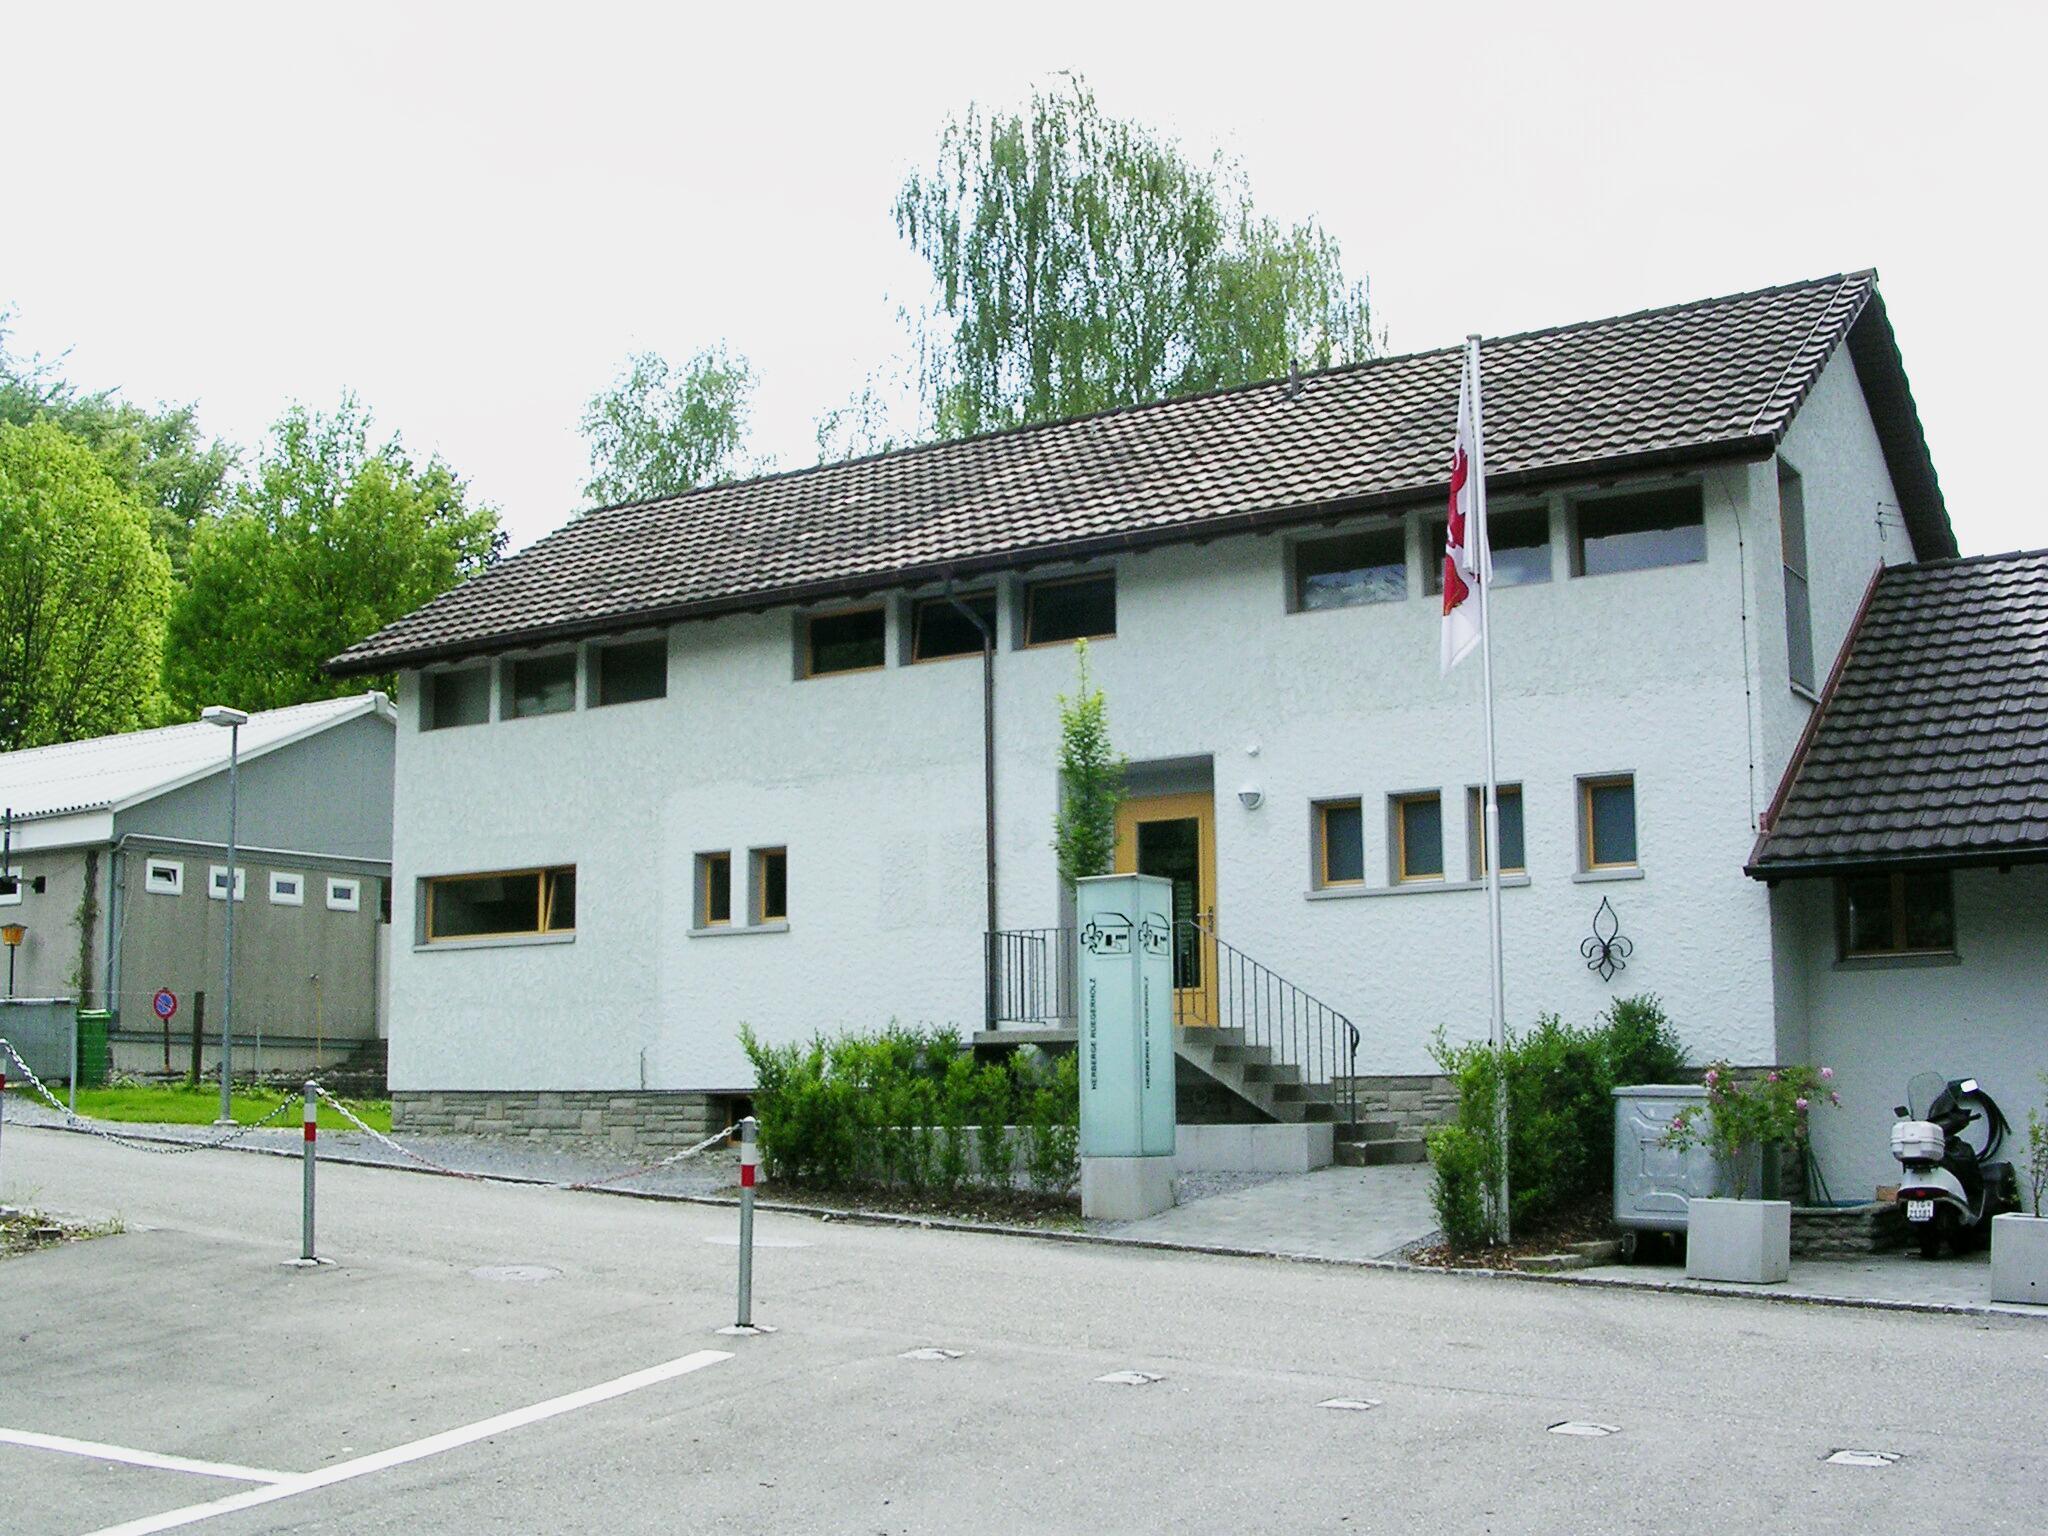 Herberge Rüegerholz